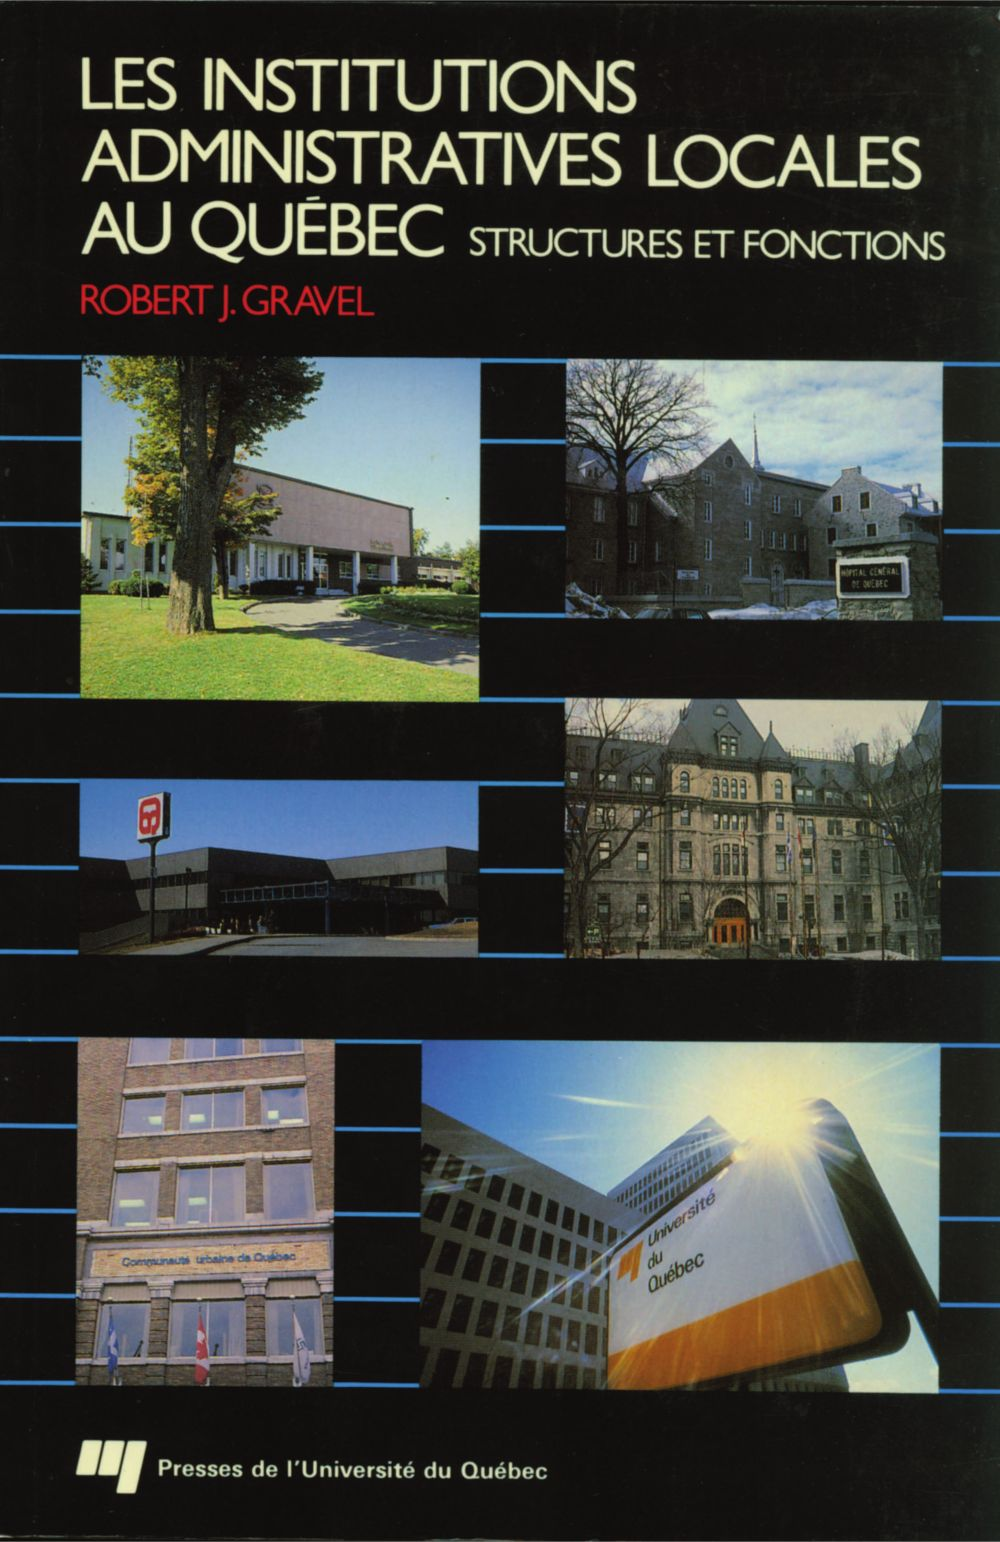 Les institutions administratives locales et régionales au Québec